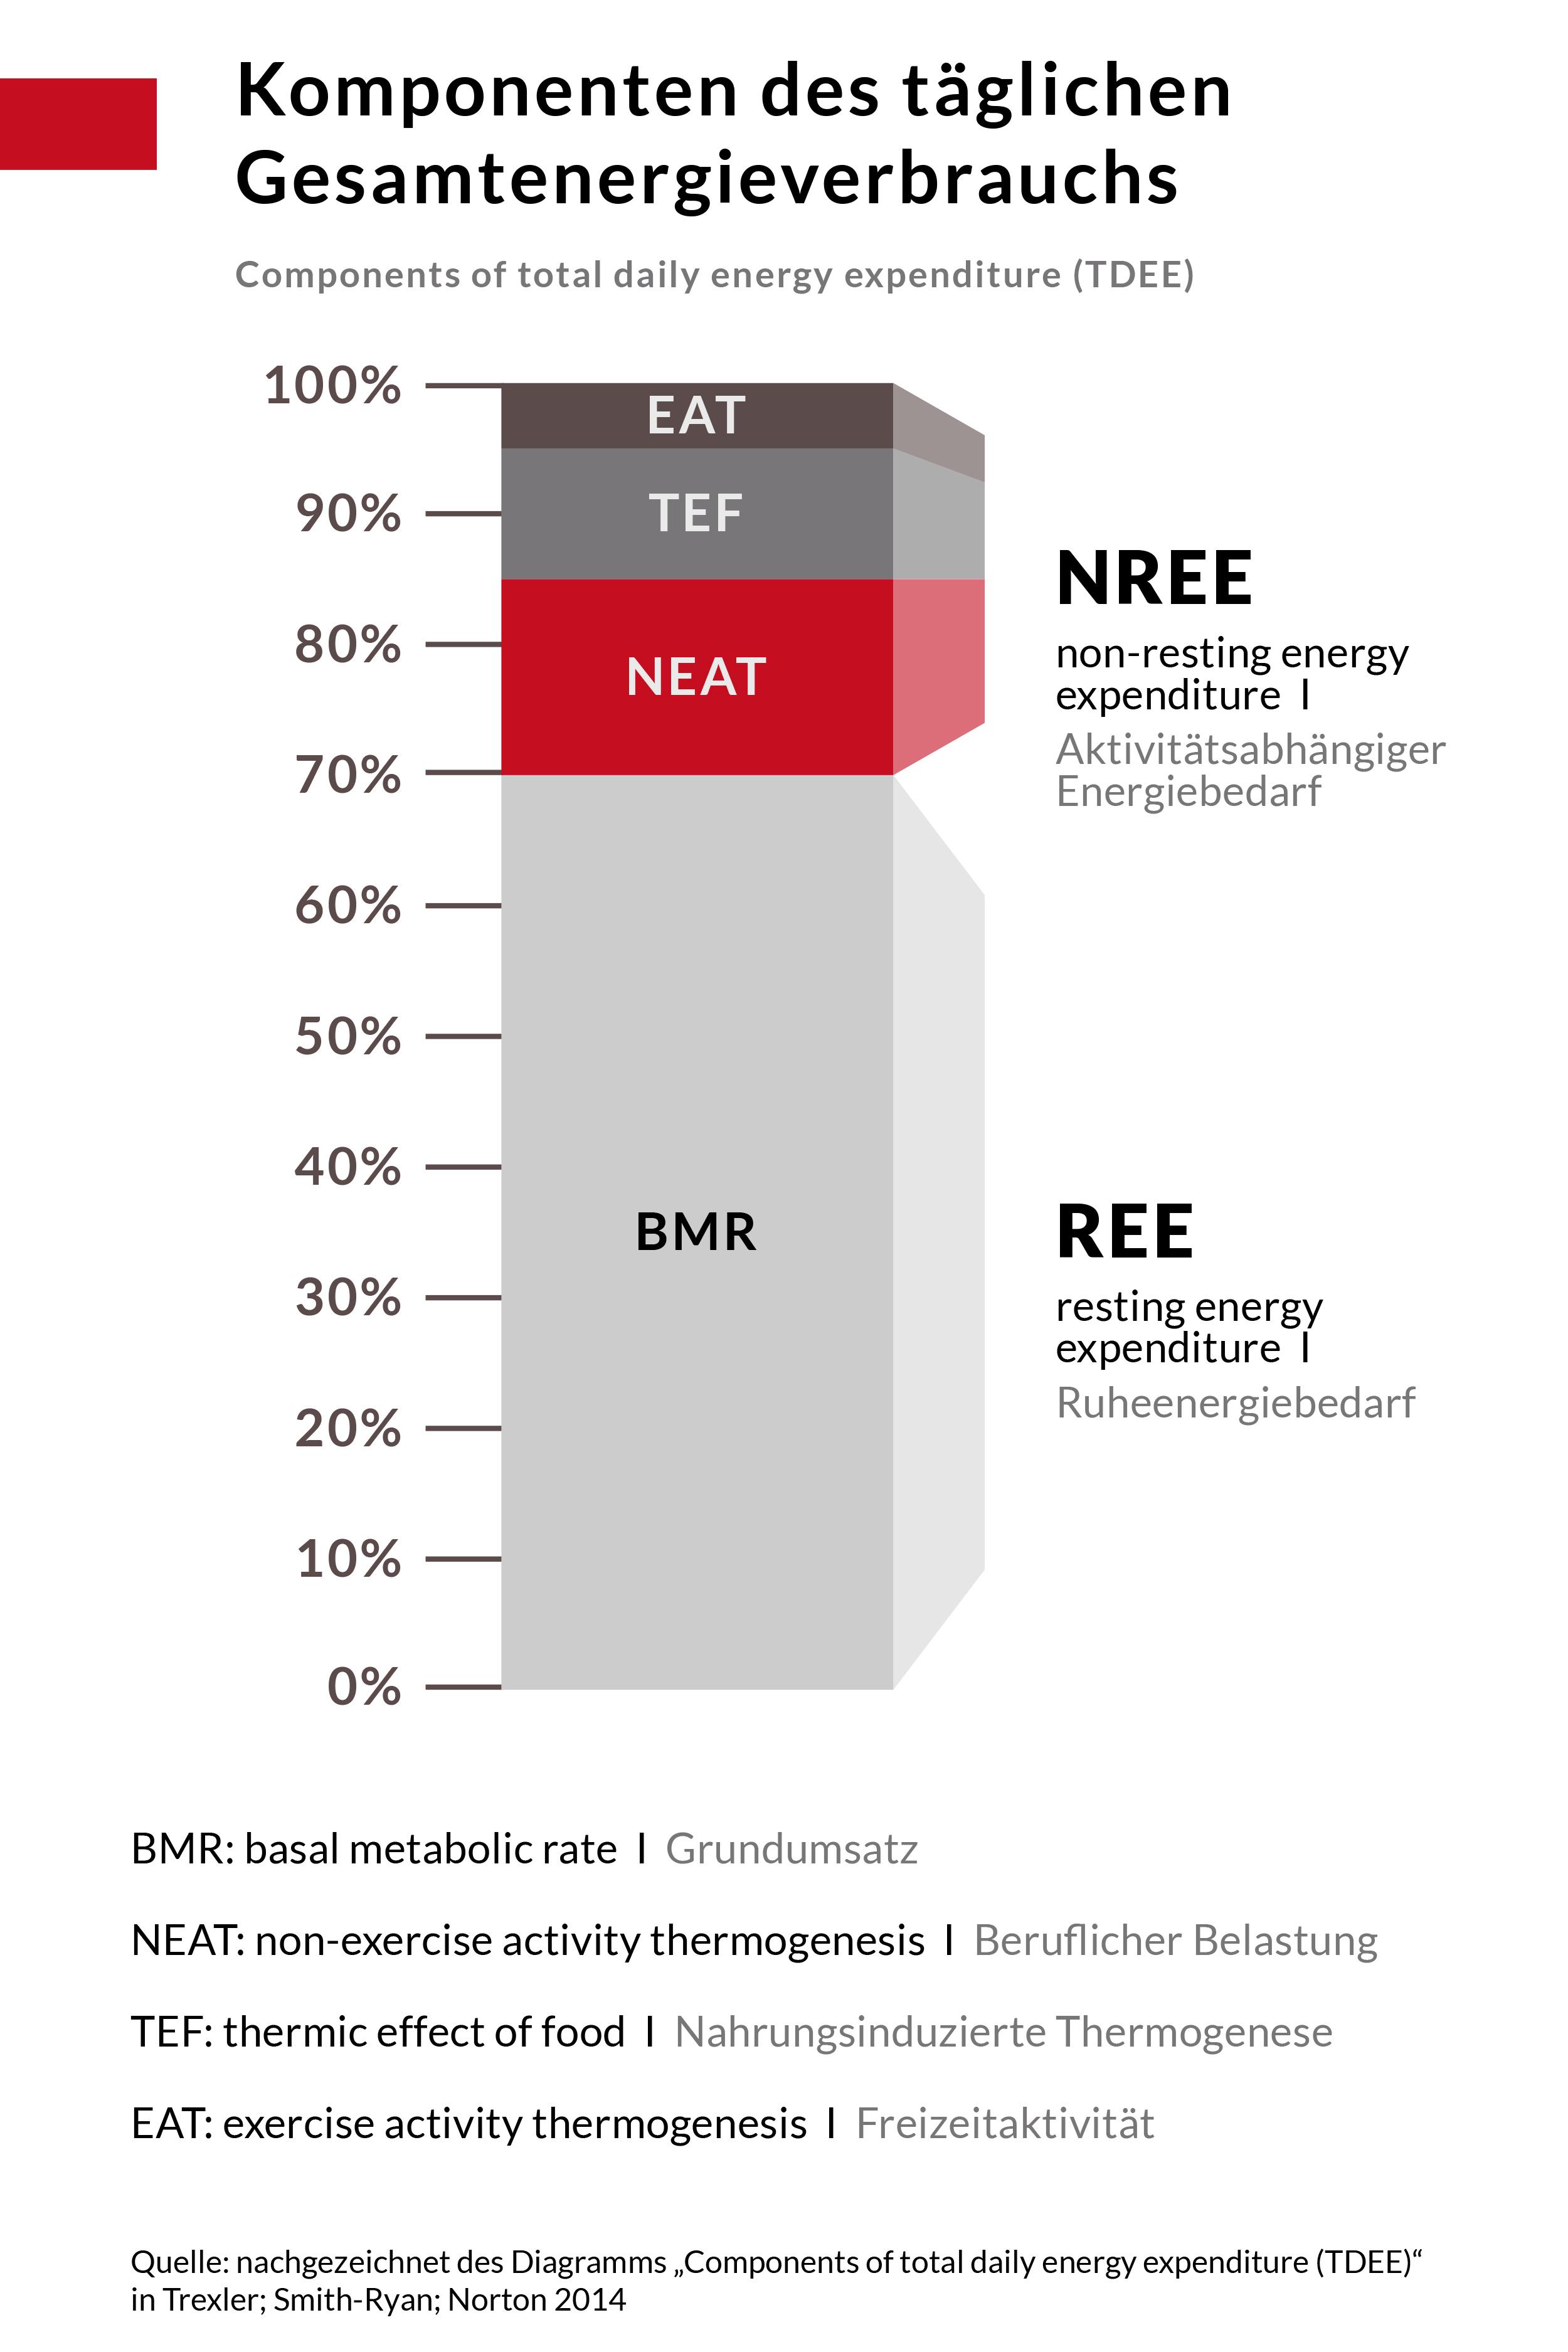 Komponenten des täglichen Gesamtenergieverbrauchs